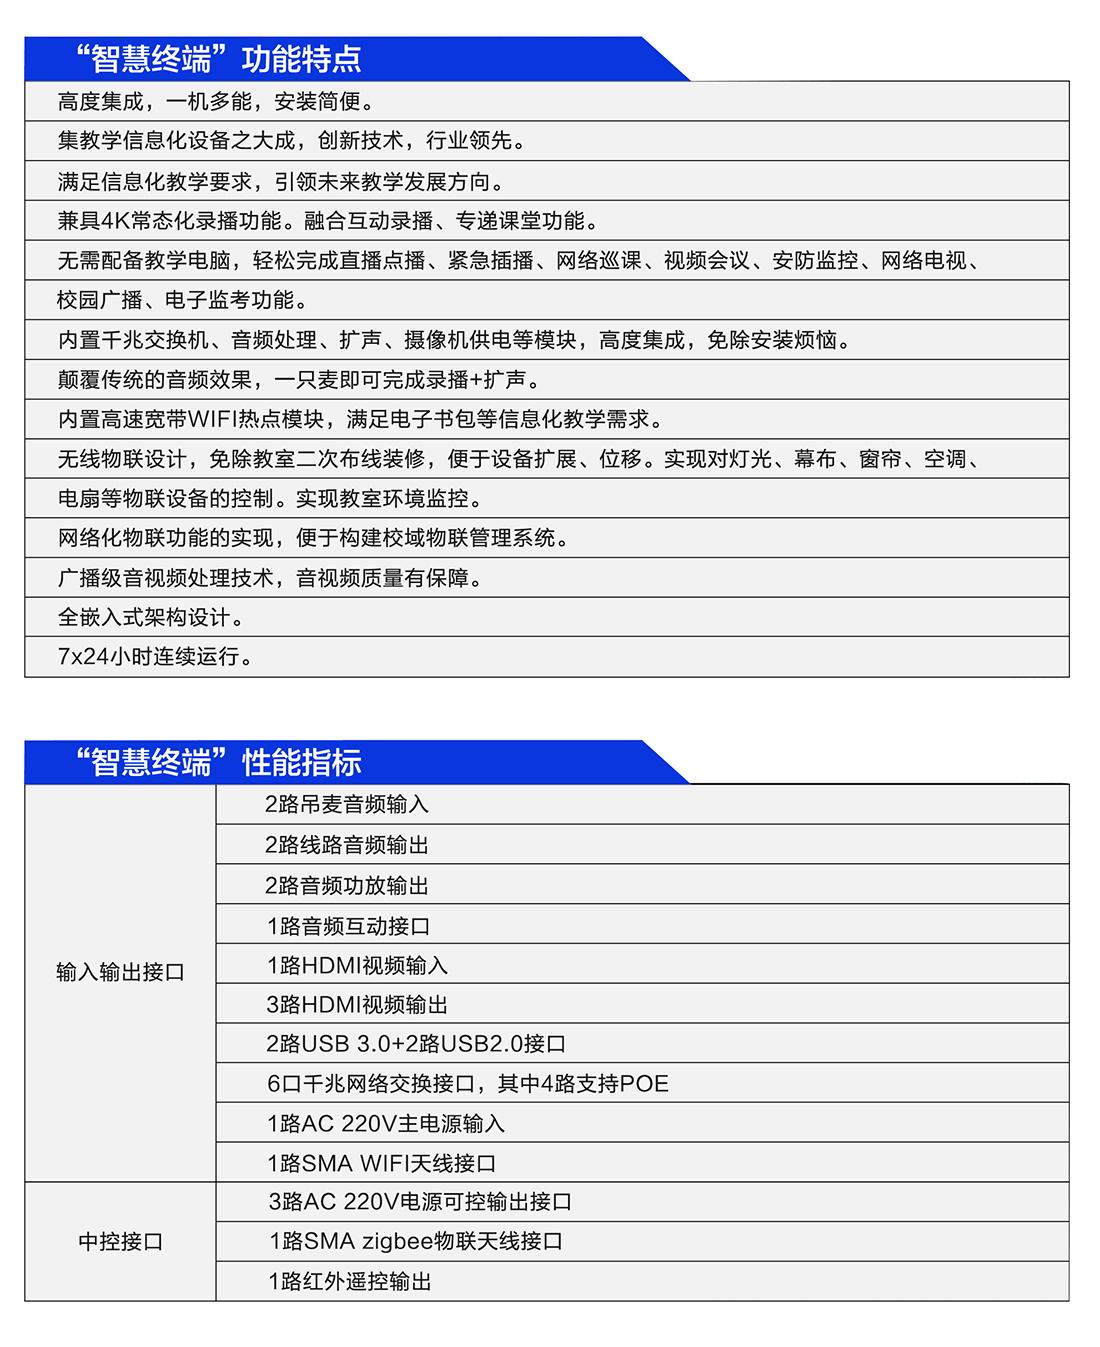 manbetx客户端网页版终端(指标)